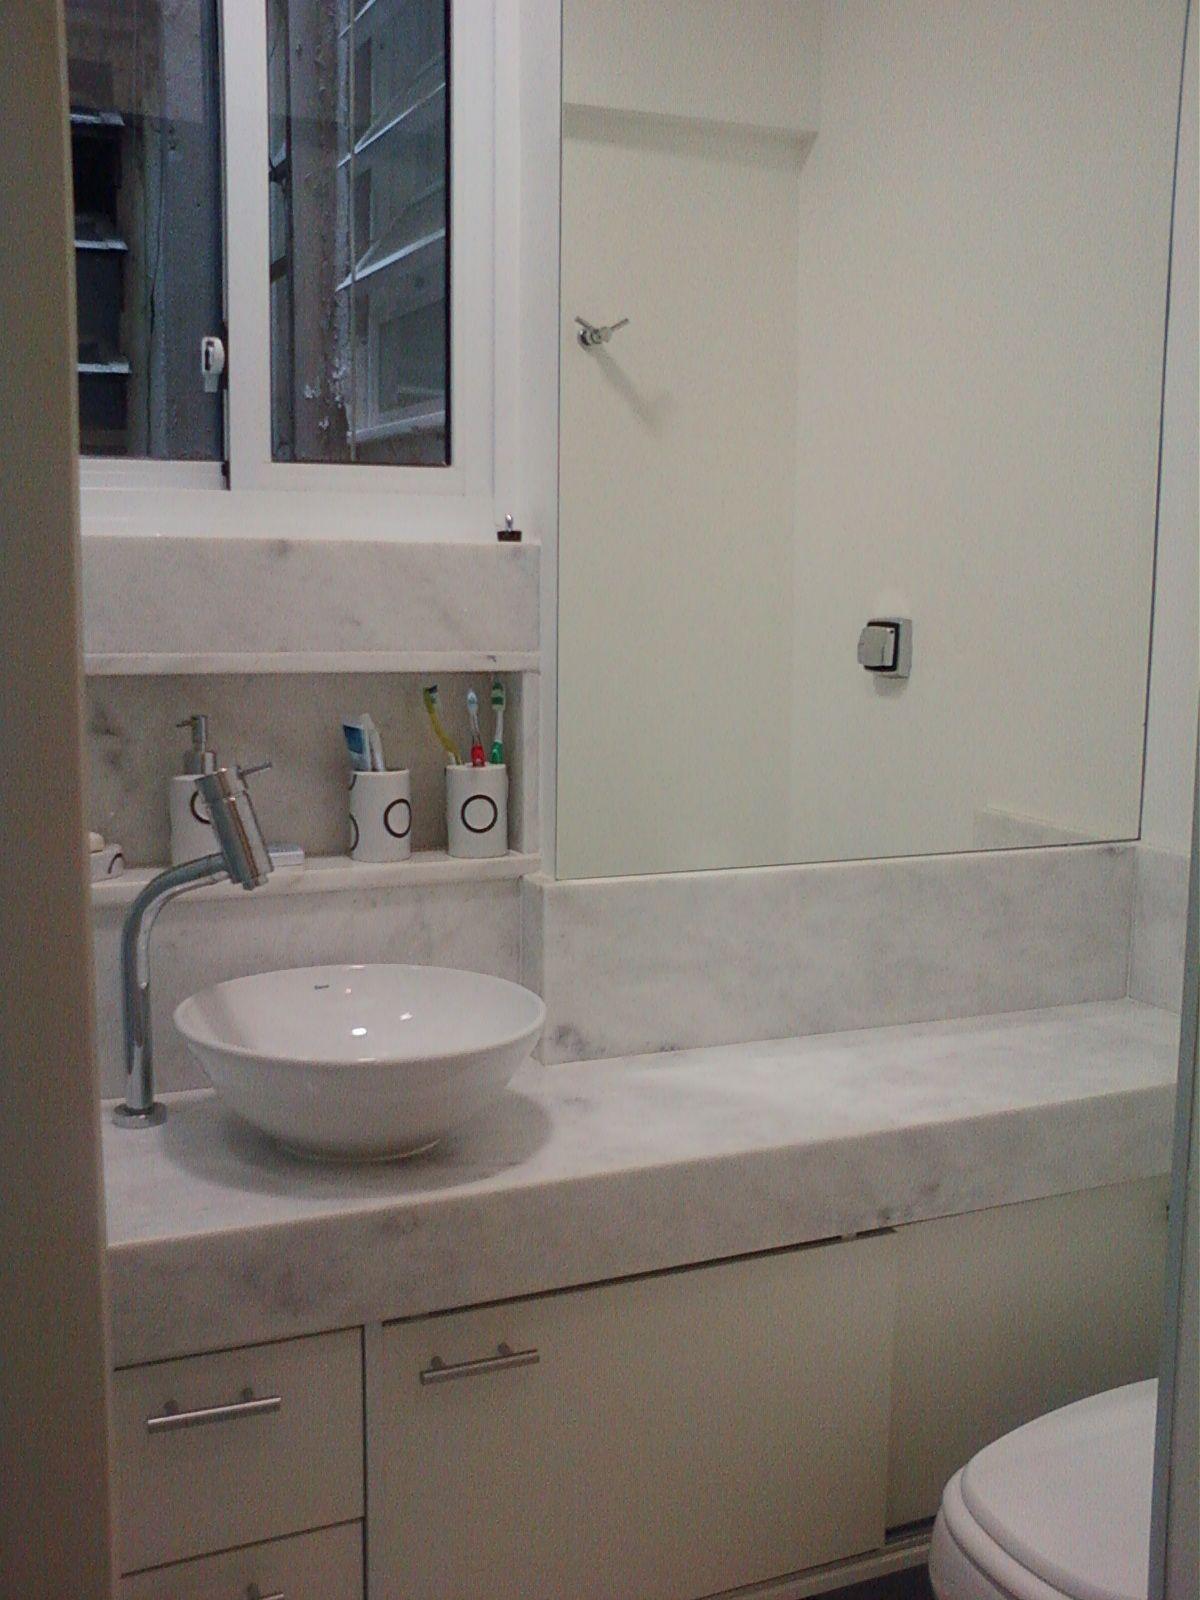 conjugado em Copacabana banheiro com dimensões mínimas projeto  #5B4F46 1200x1600 Banheiro Acessivel Dimensoes Minimas